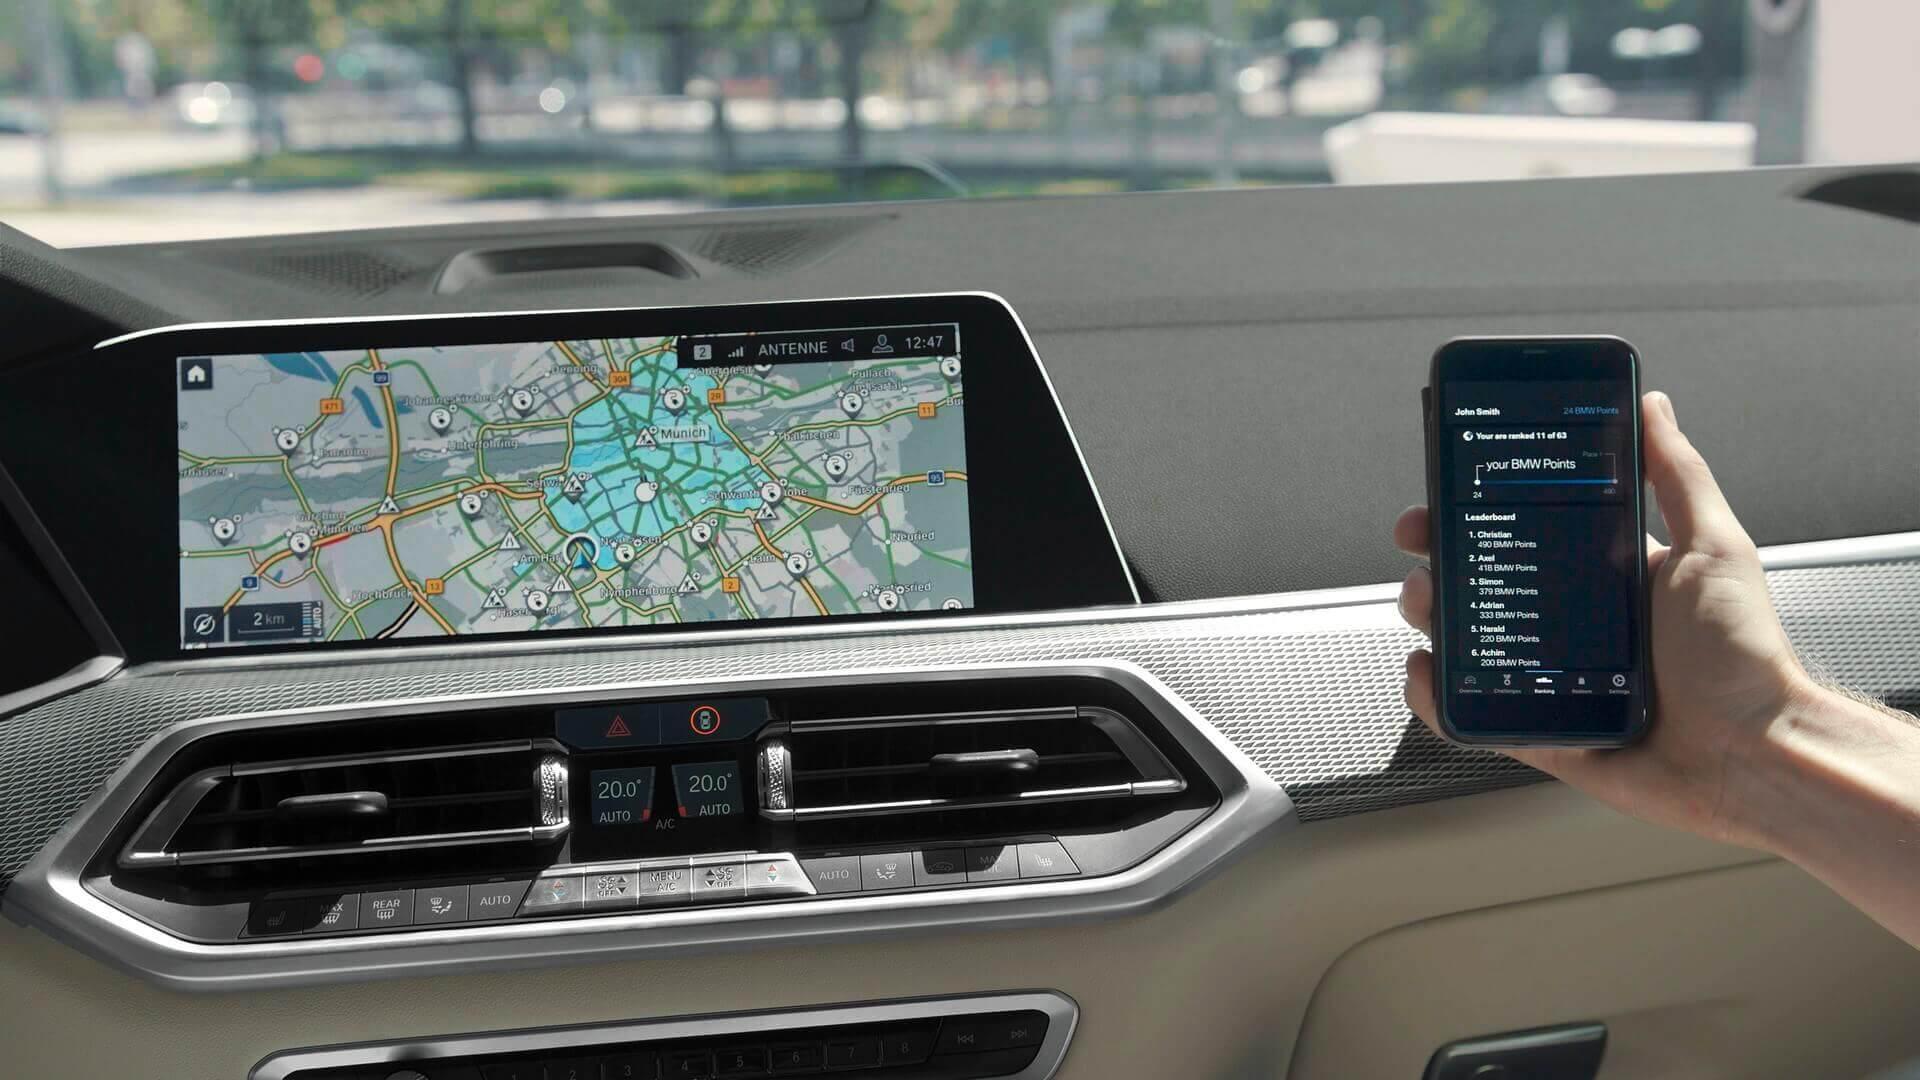 Плагин-гибриды BMW будут автоматически определять зоны без вредных выбросов